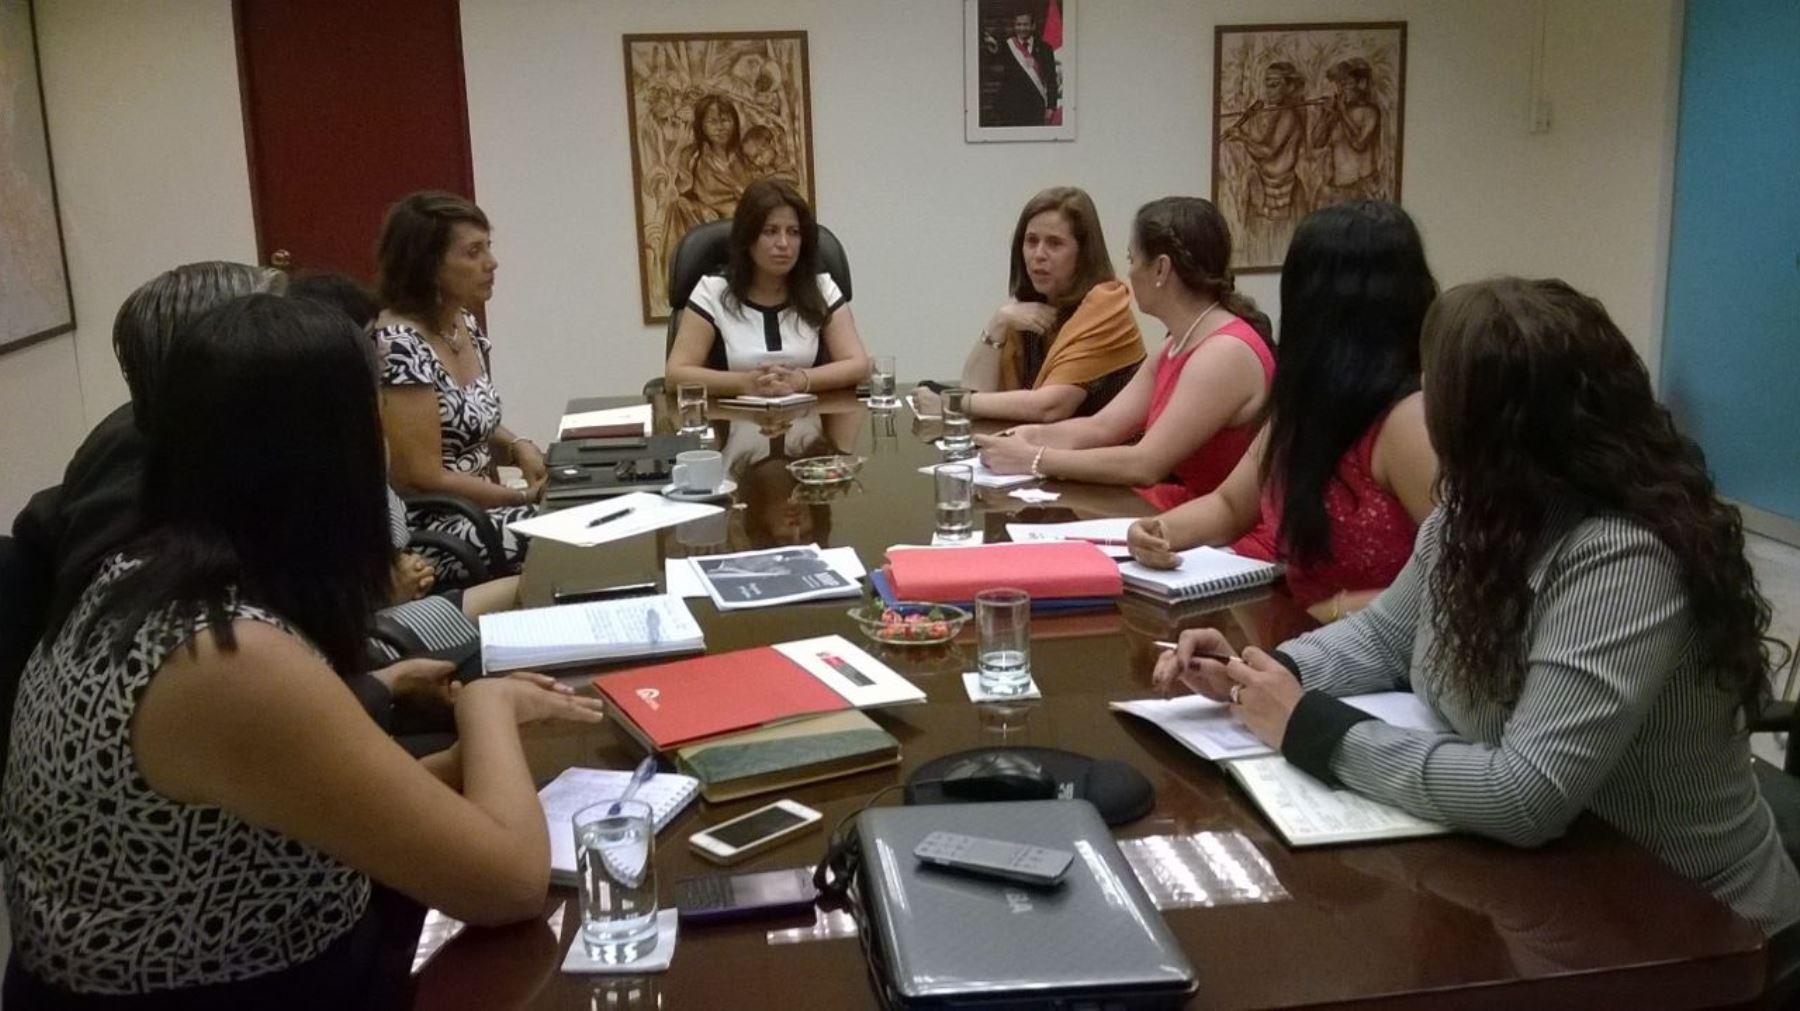 La ministra de la Mujer y Poblaciones Vulnerables, Carmen Omonte, se reunió con embajadora de Colombia, María Elena Pombo, para tratar situación de mujeres extranjeras víctimas de violencia y trata de personas.